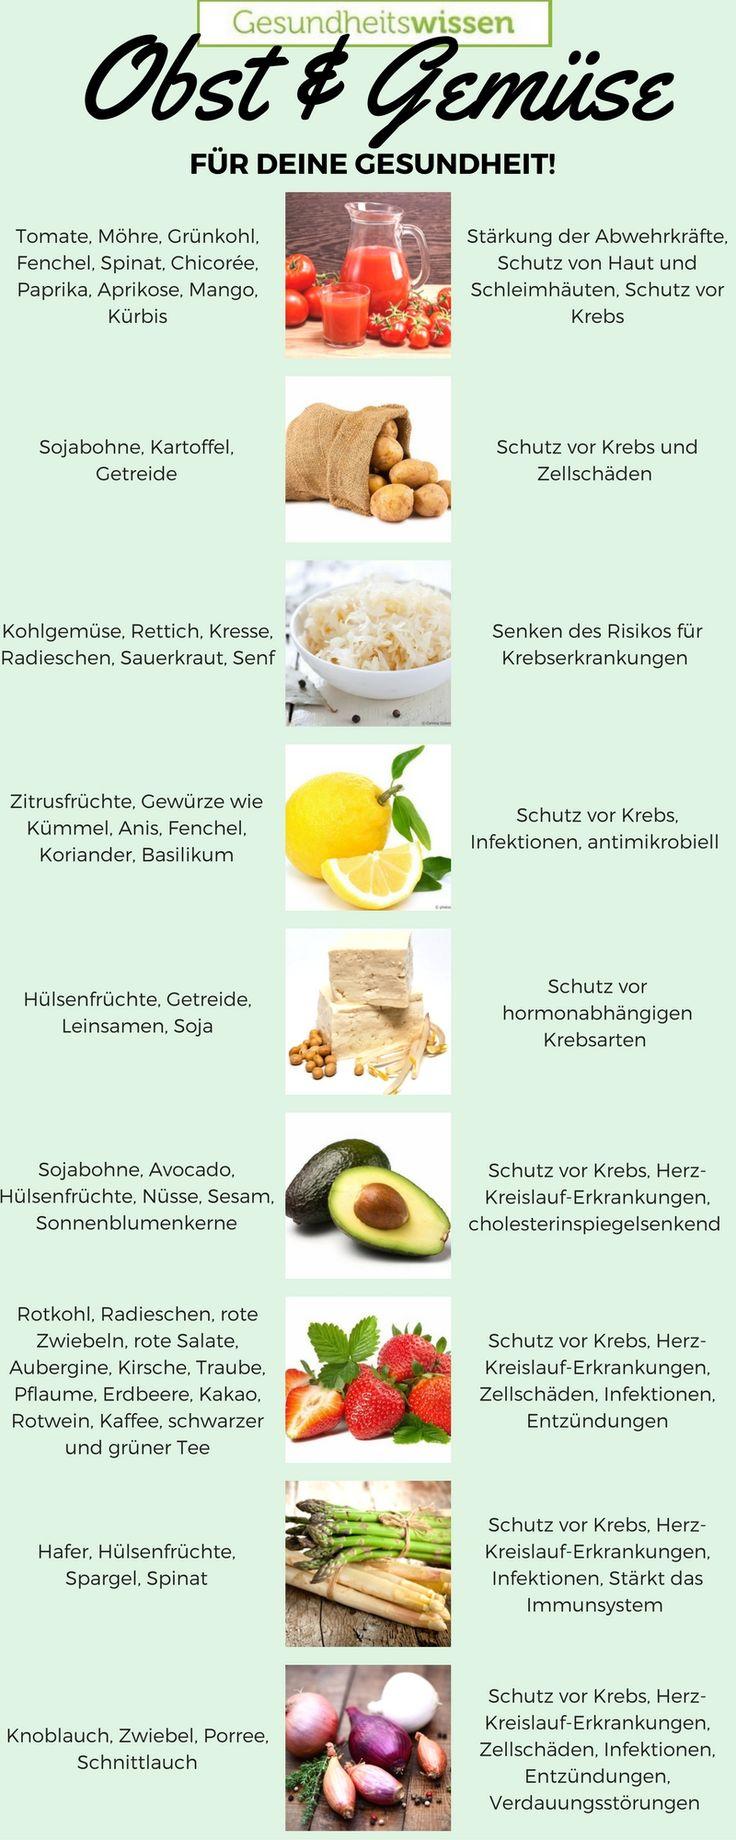 Wenn man schon eine Obst und Gemüse-Diät machen will, kann man auch sein Wisse… – Kathi Rübe